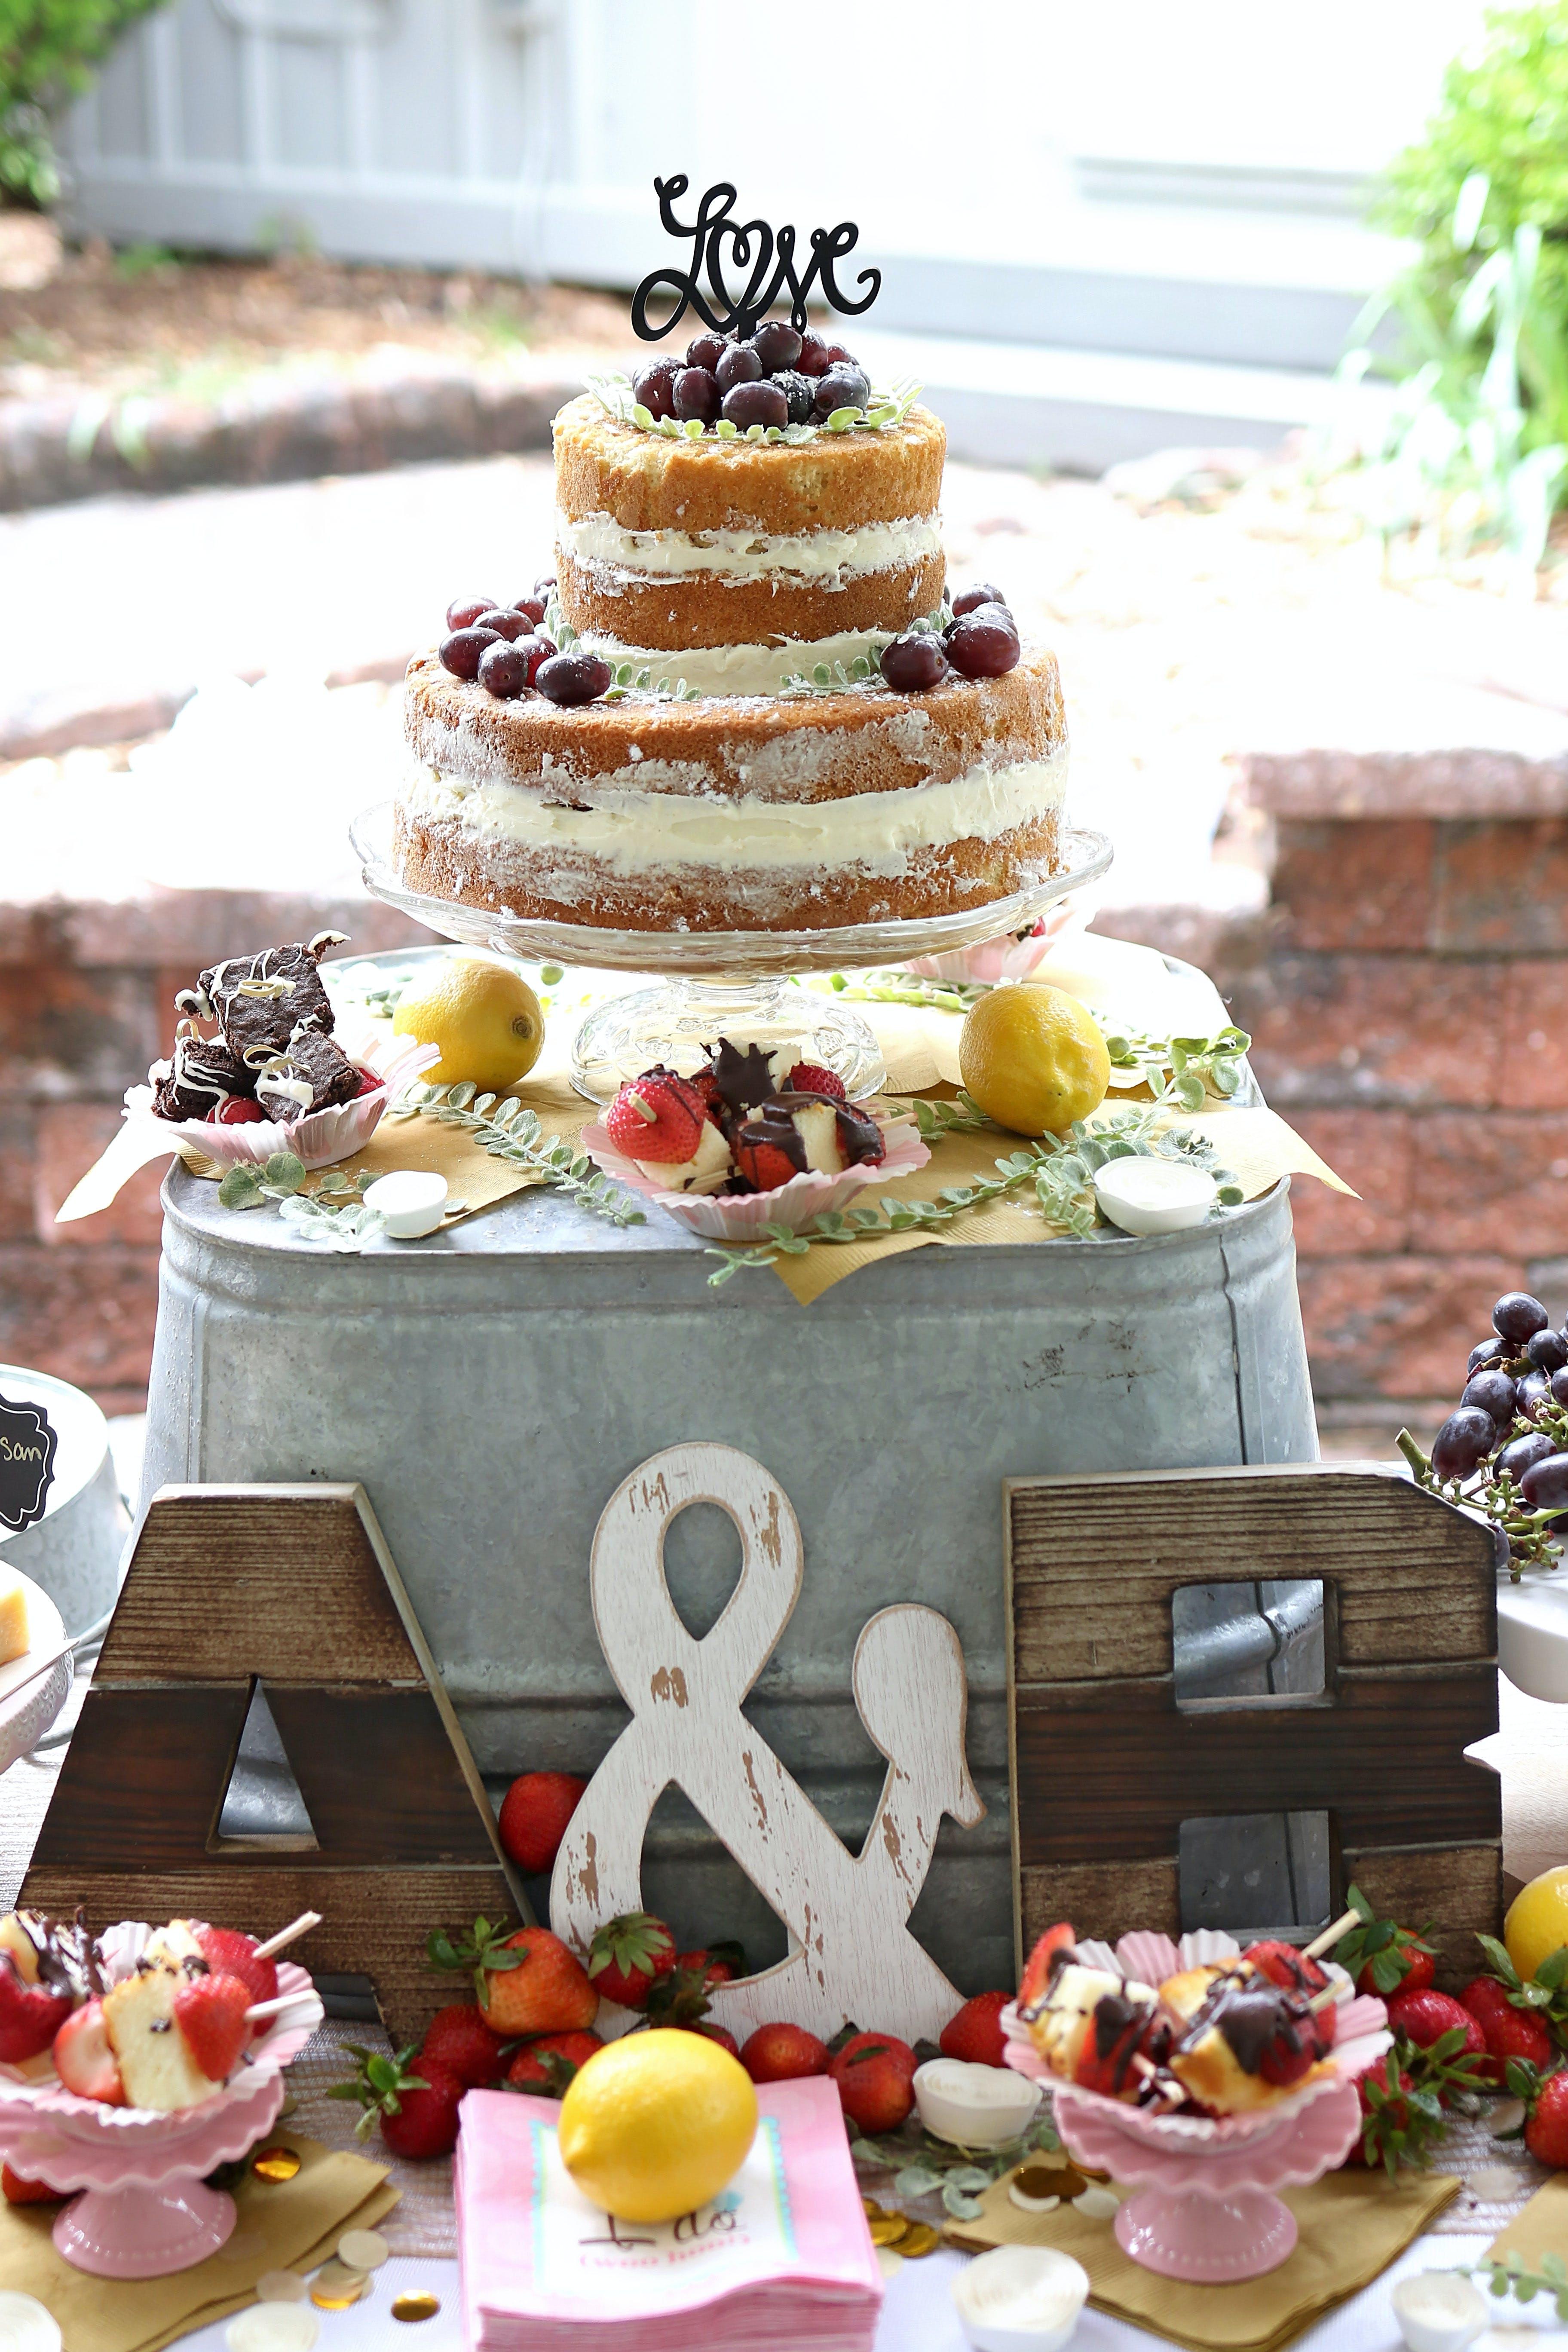 2-layered Cake